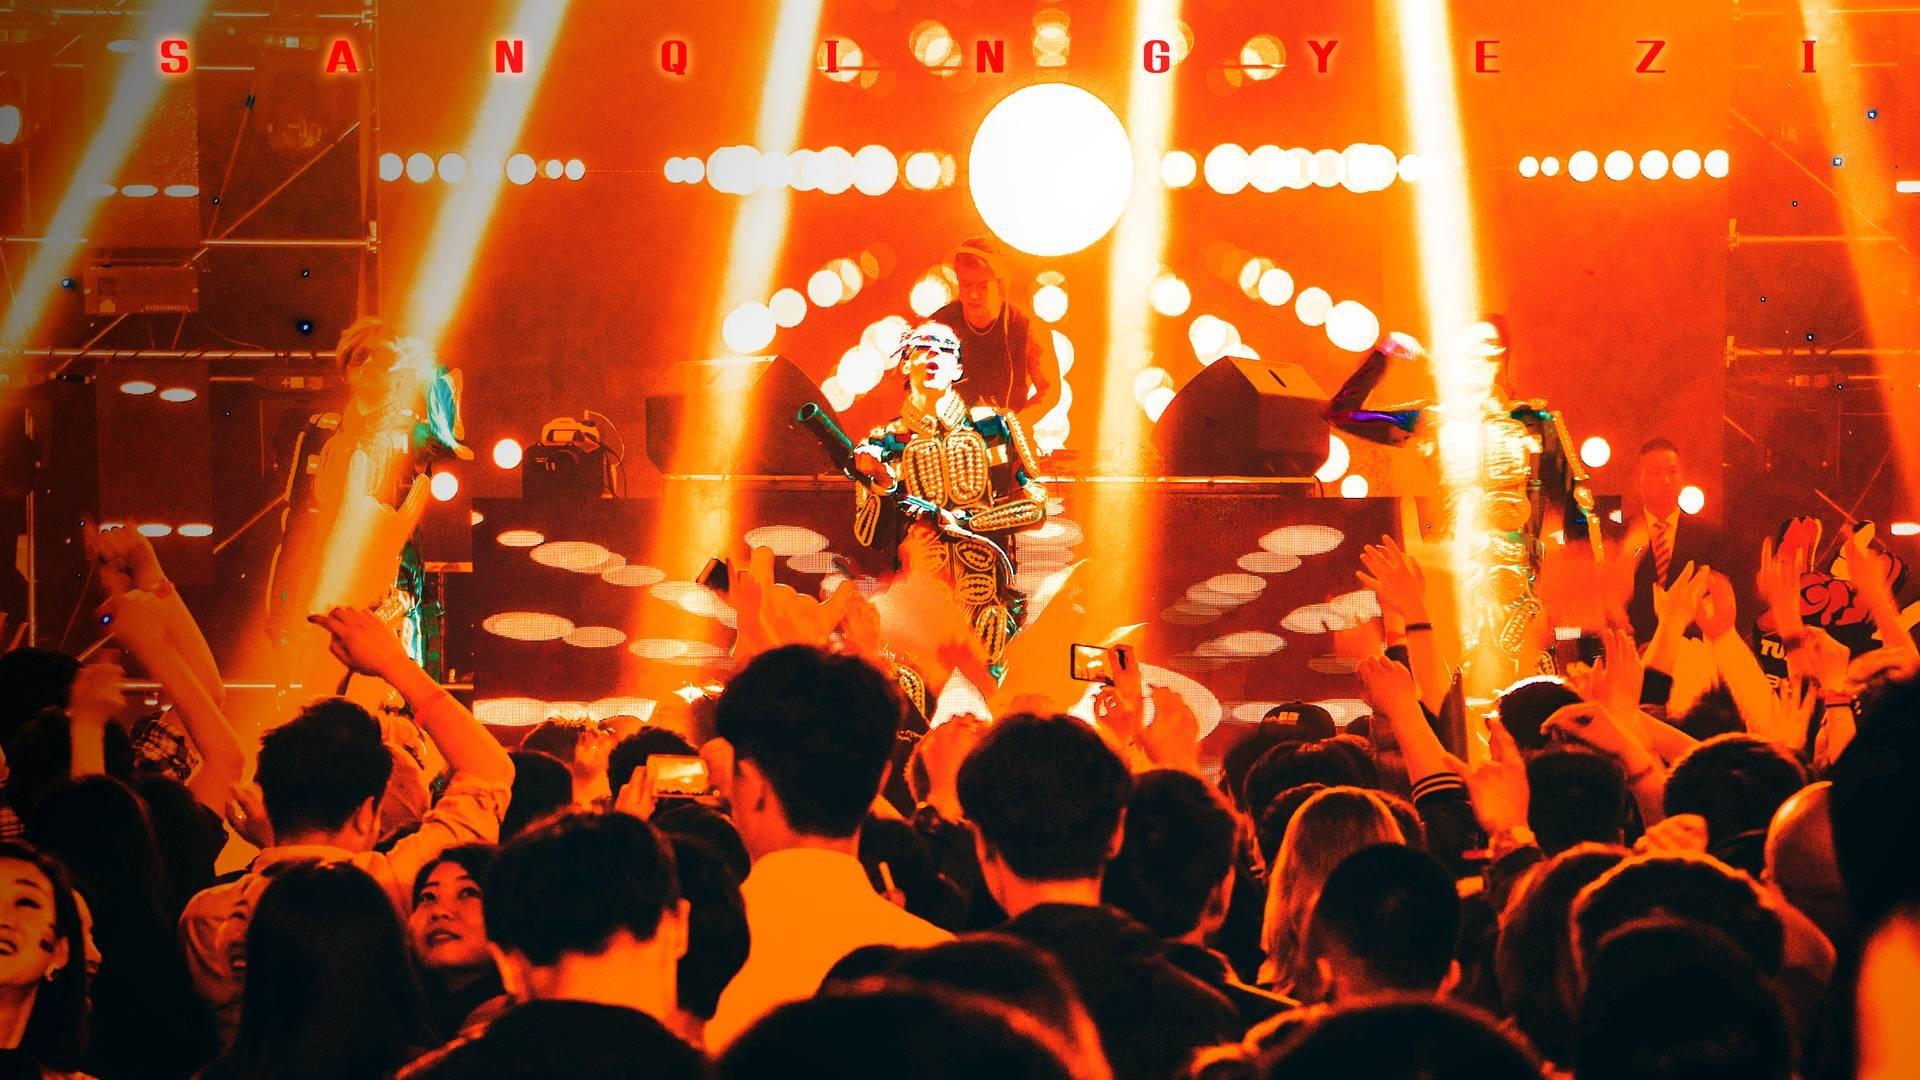 2019北京本色酒吧热播经典《耶比耶比VS将将将》英文串烧